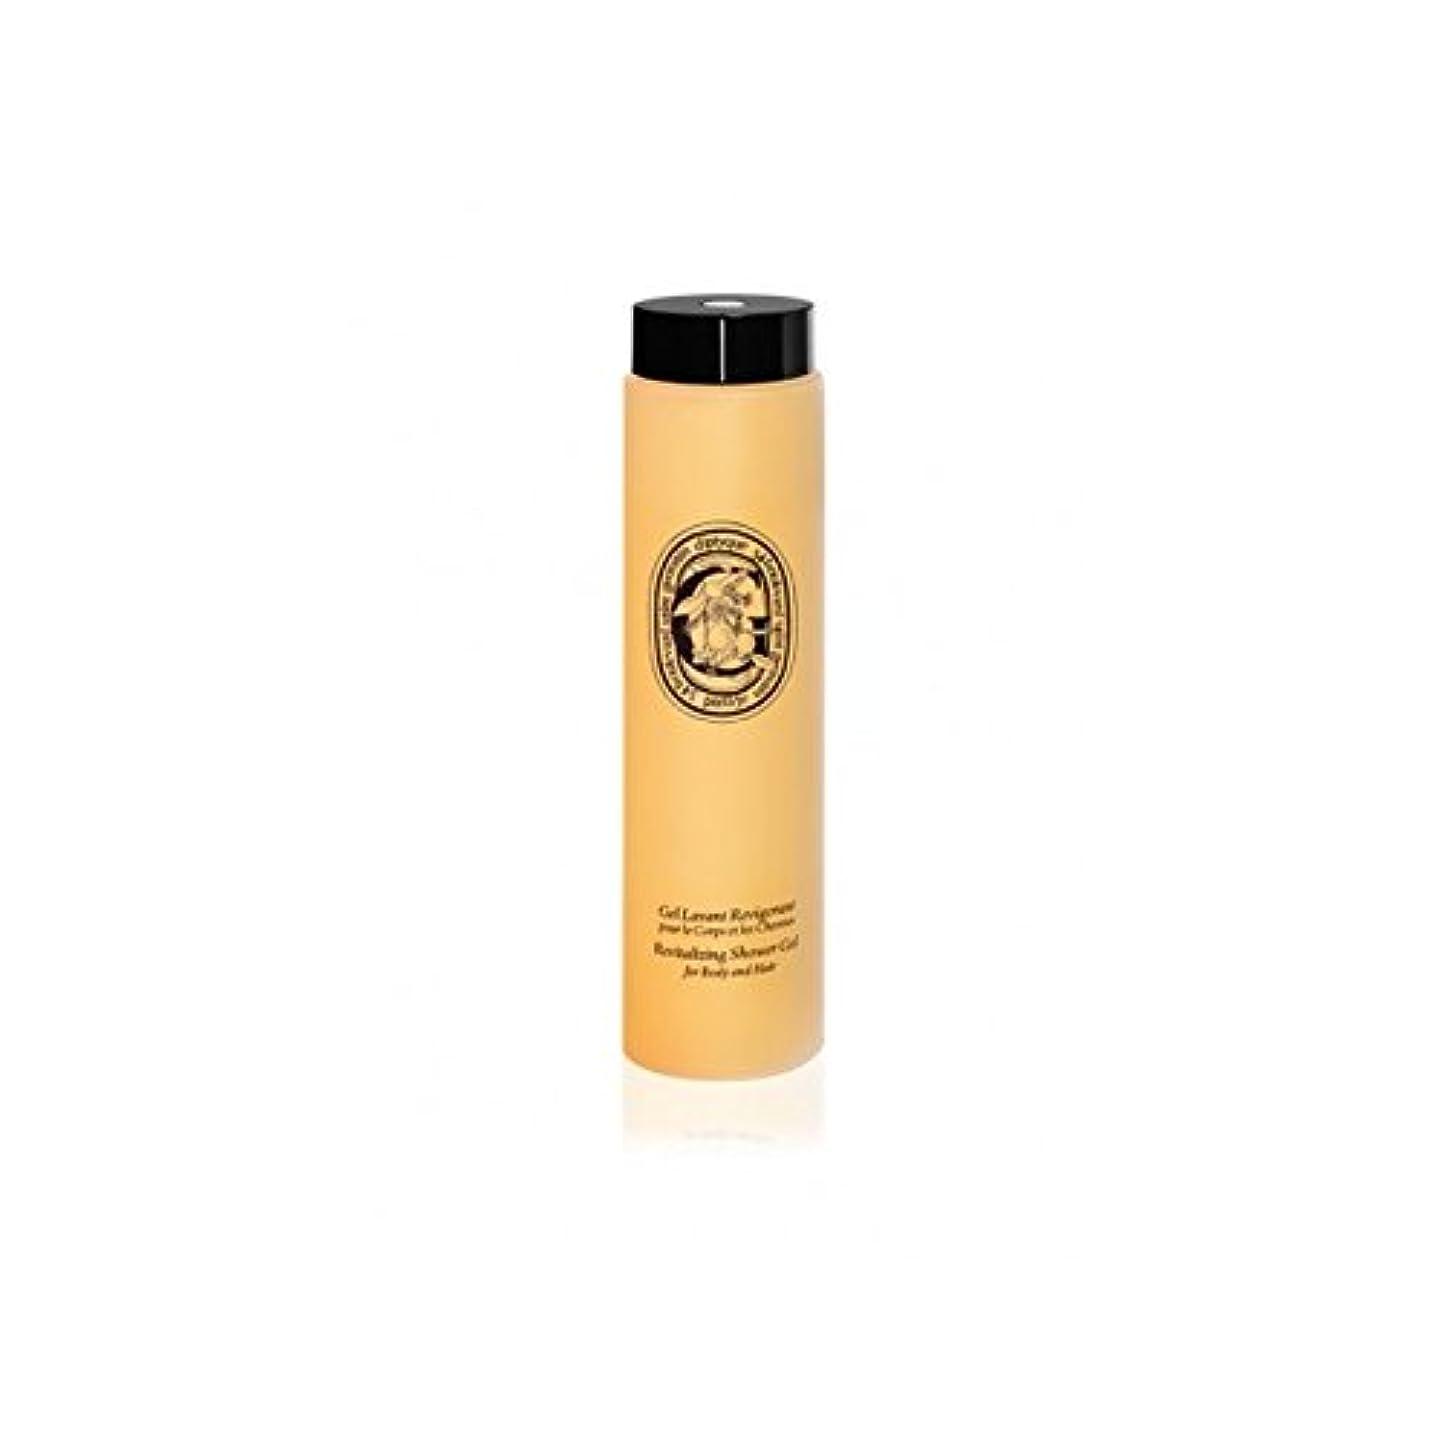 ブレンドぼかす一人でボディ、ヘア200ミリリットルのためDiptyqueのリバイタライジングシャワージェル - Diptyque Revitalizing Shower Gel For Body And Hair 200ml (Diptyque...